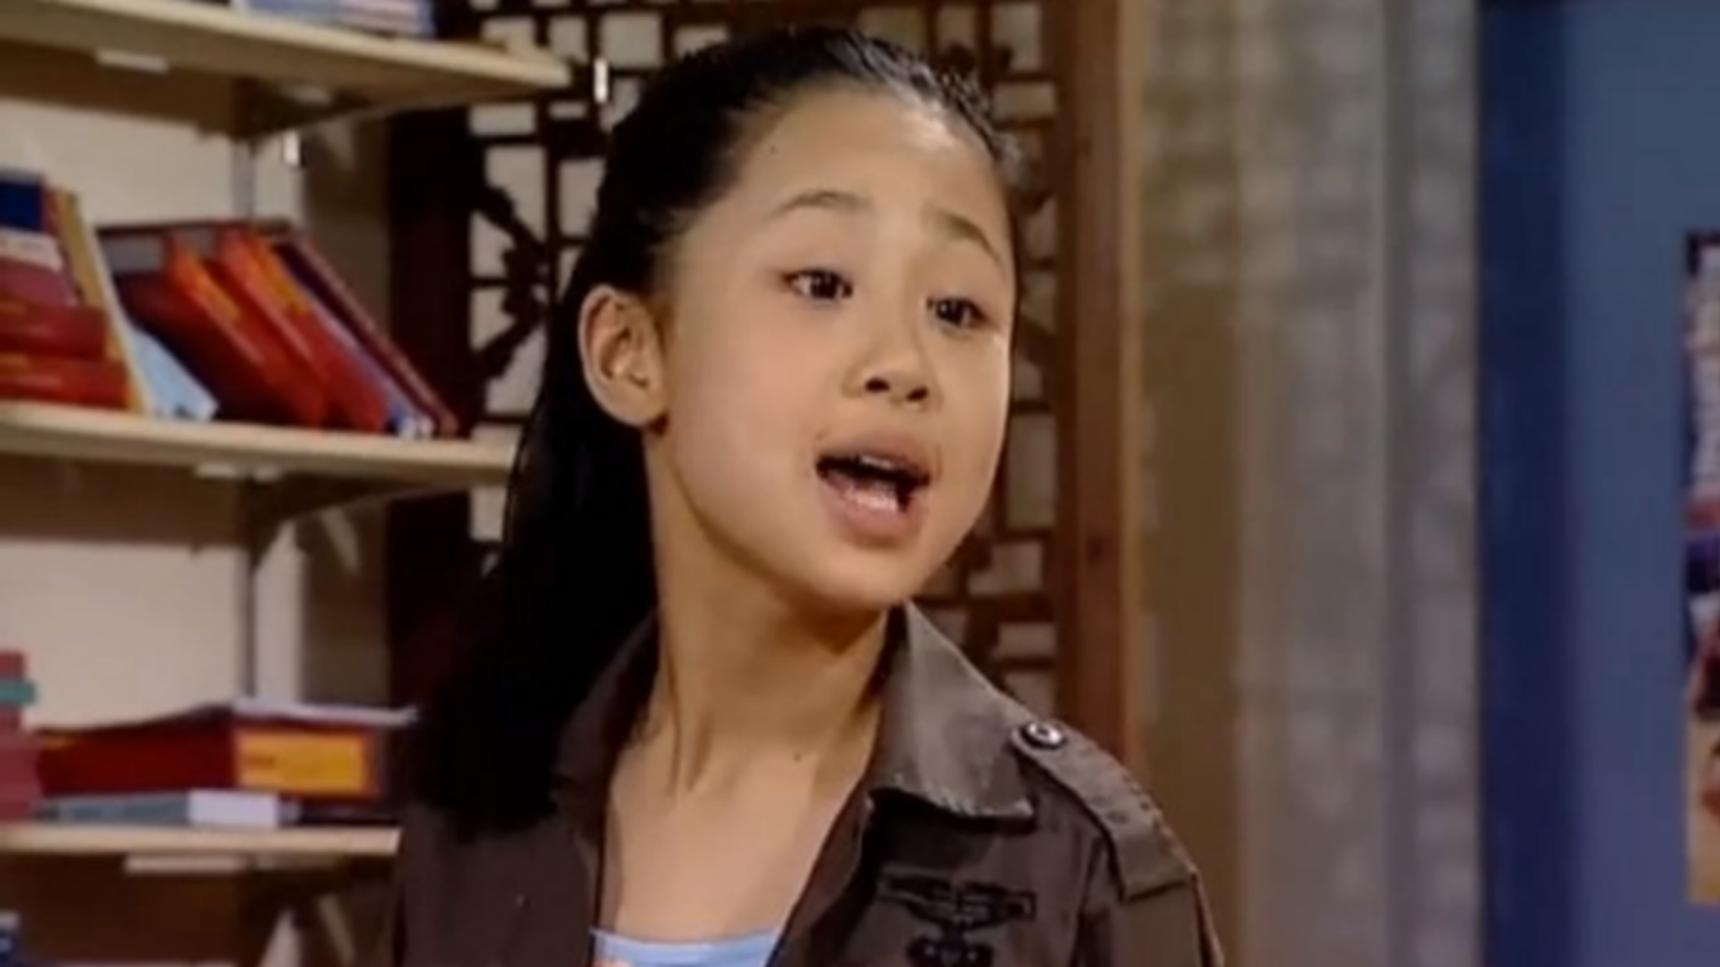 家有儿女:刘星给夏雪讲见网友的防范意识,一句话让夏雪笑喷了